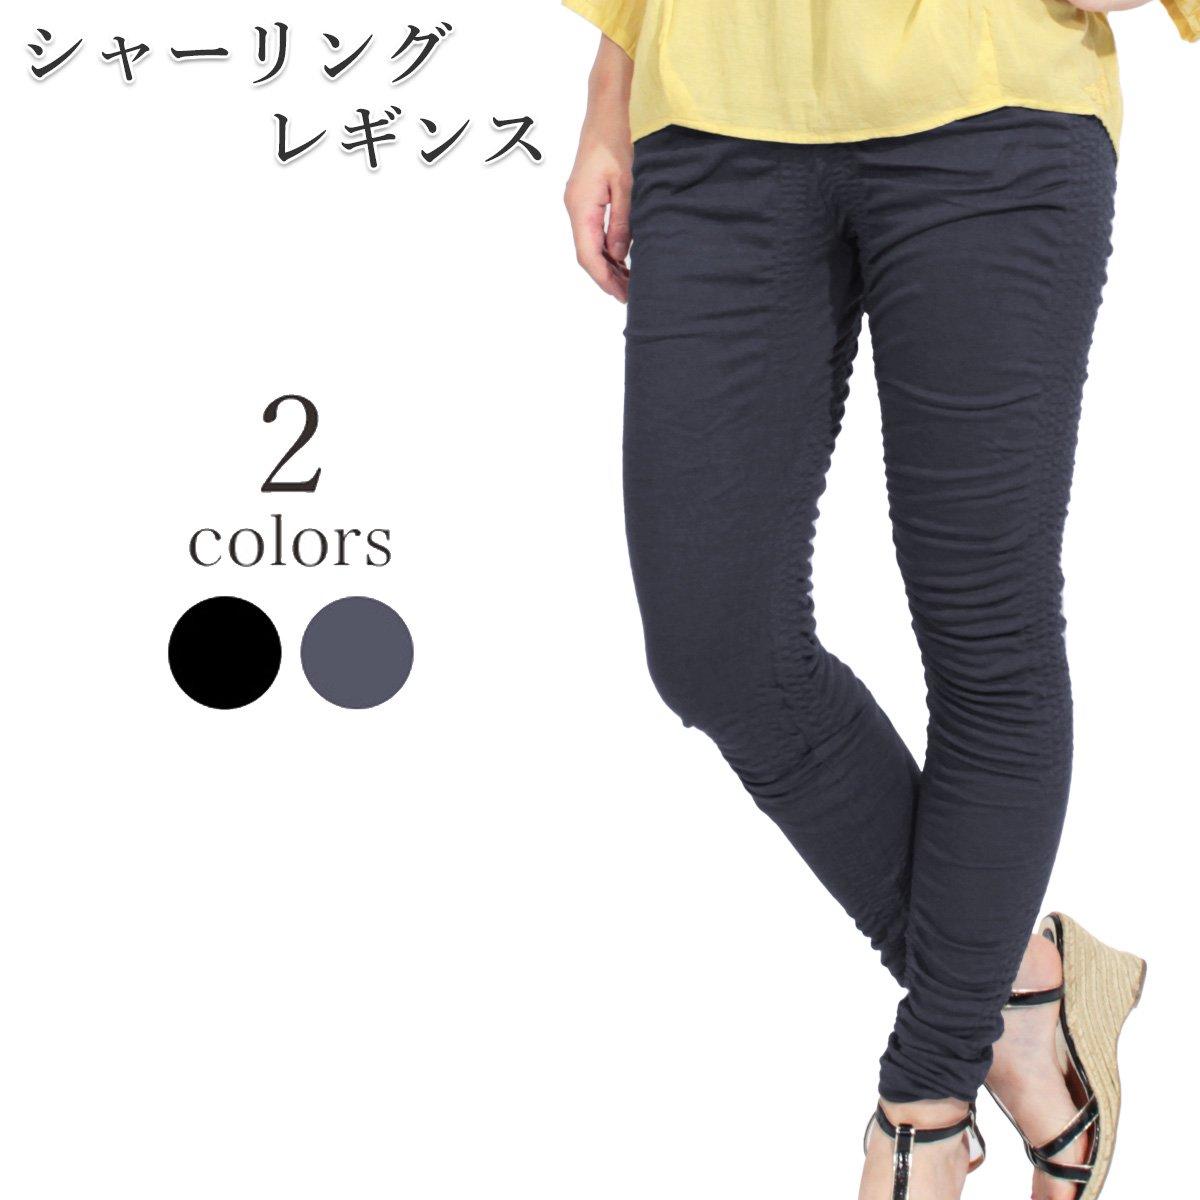 デザインレギンス くしゅくしゅ シャーリング スタッズ レギンス シャーリング レギパン